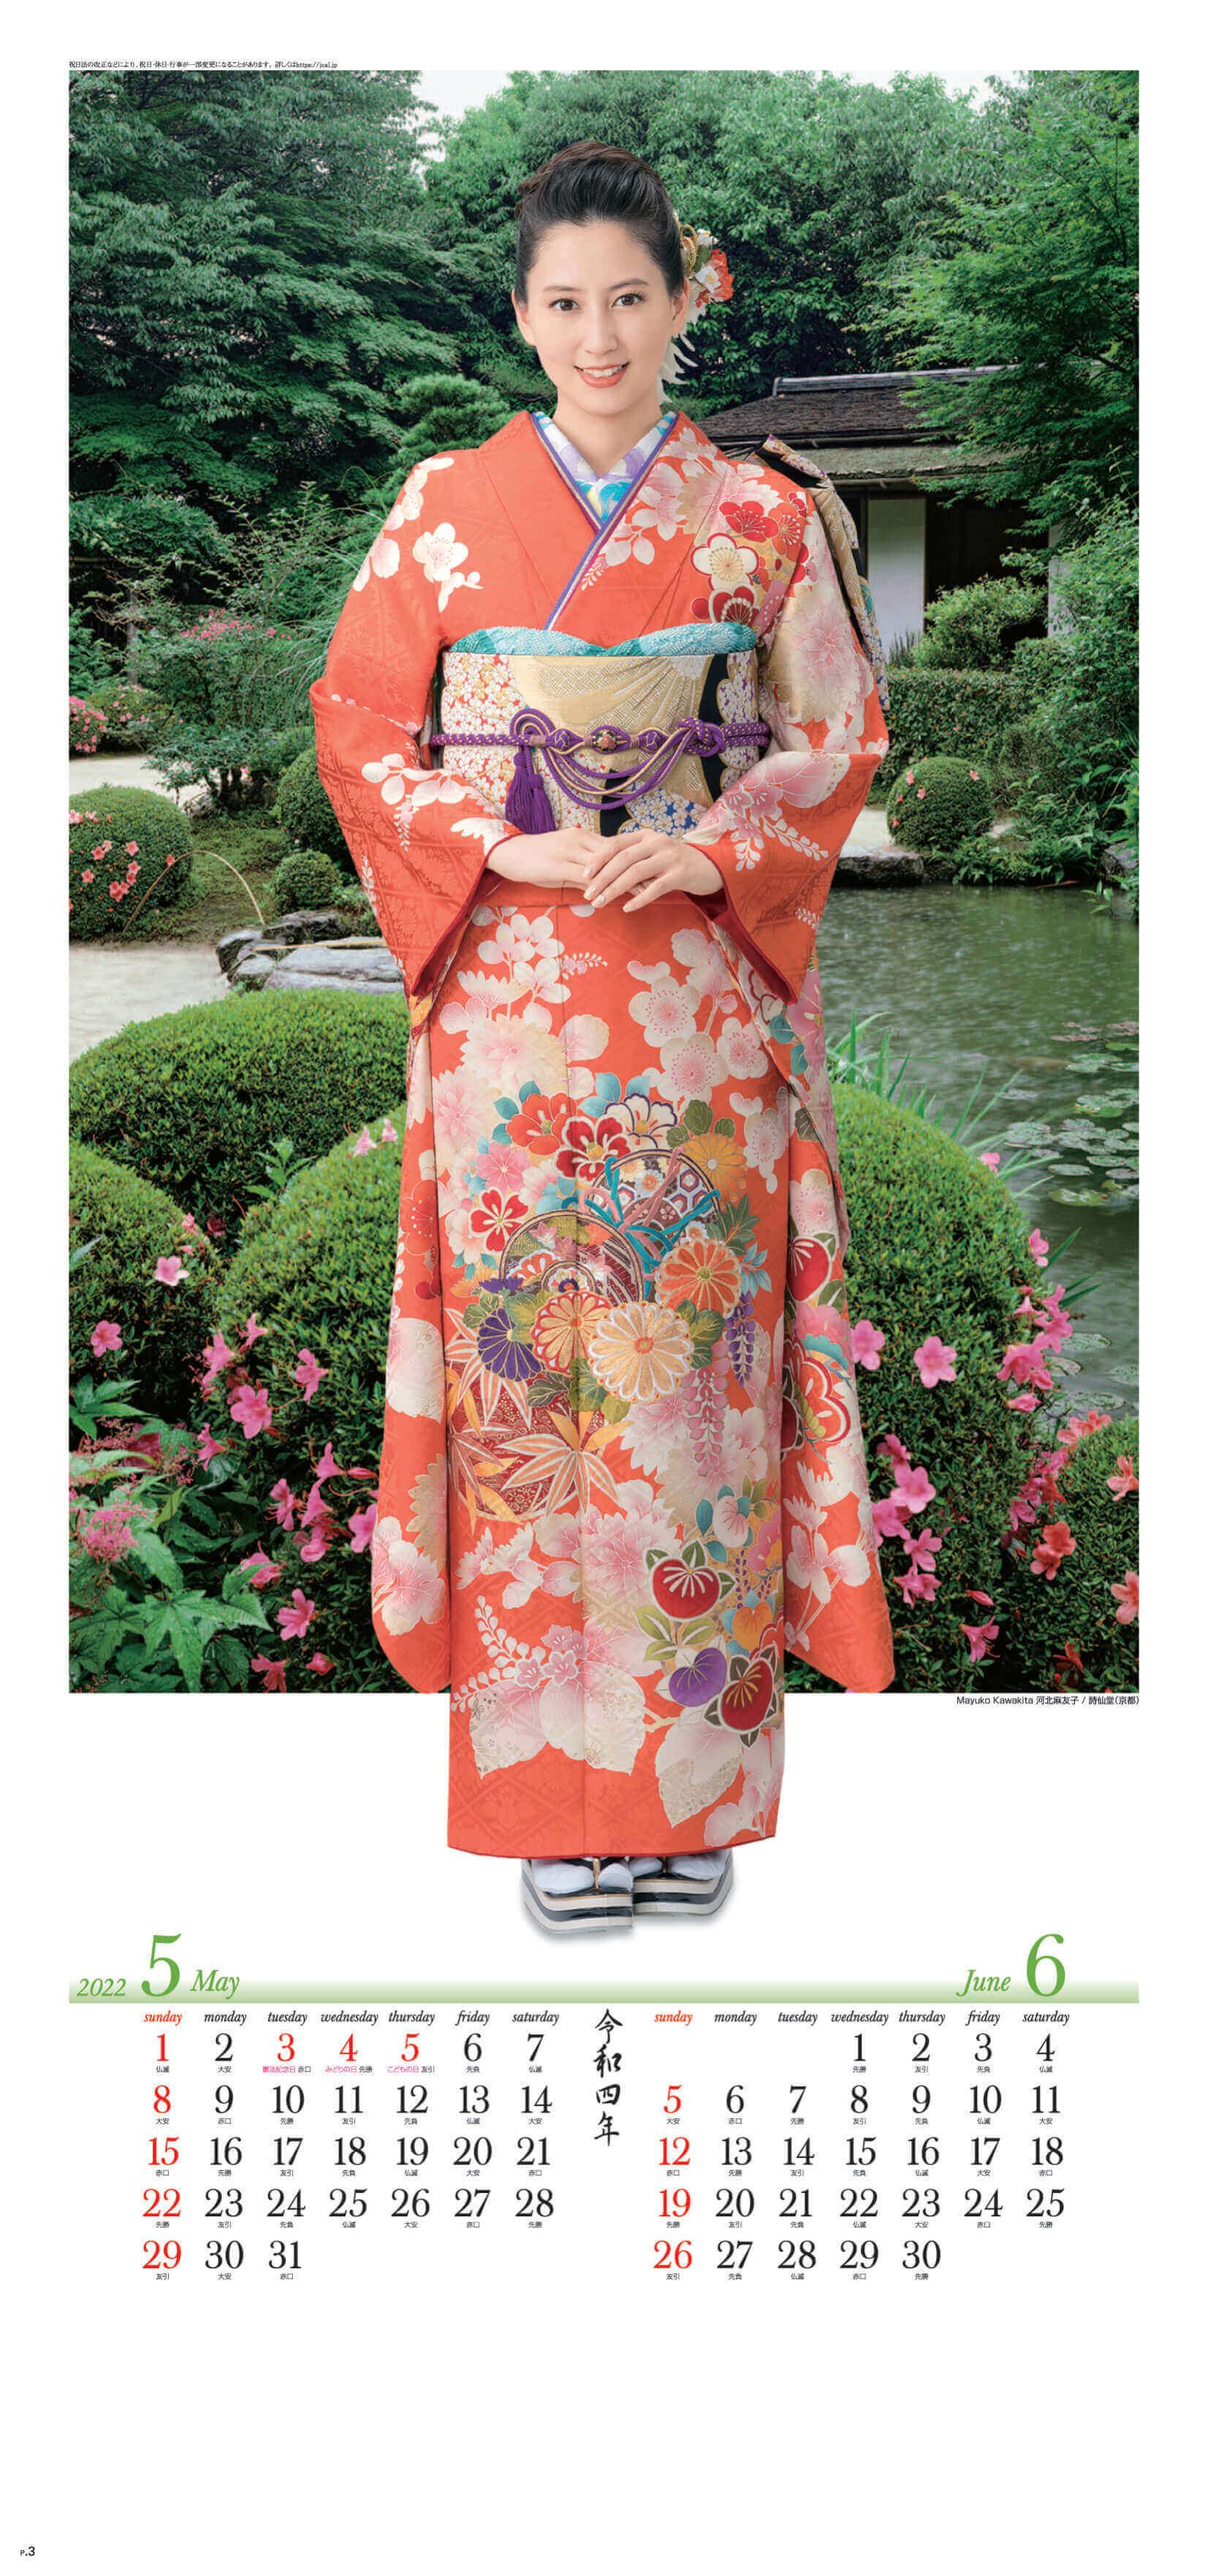 5-6月 河北麻友子 詩仙堂(京都) 華苑 2022年カレンダーの画像